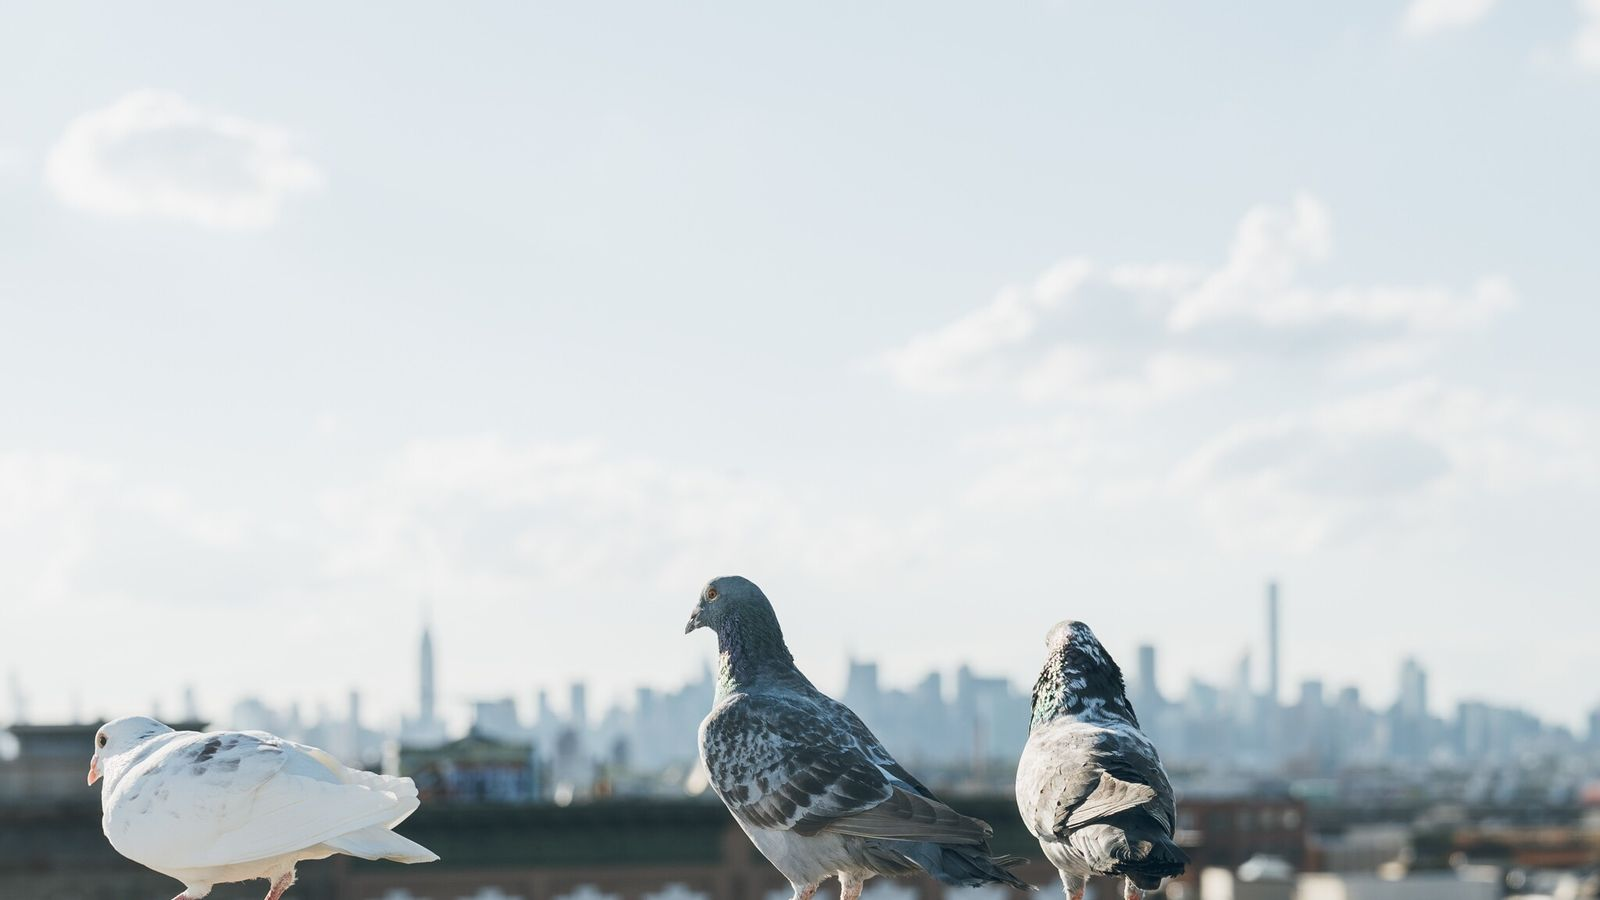 Avitrol, pesticida utilizado no controle de aves e registrado na Agência de Proteção Ambiental dos Estados ...